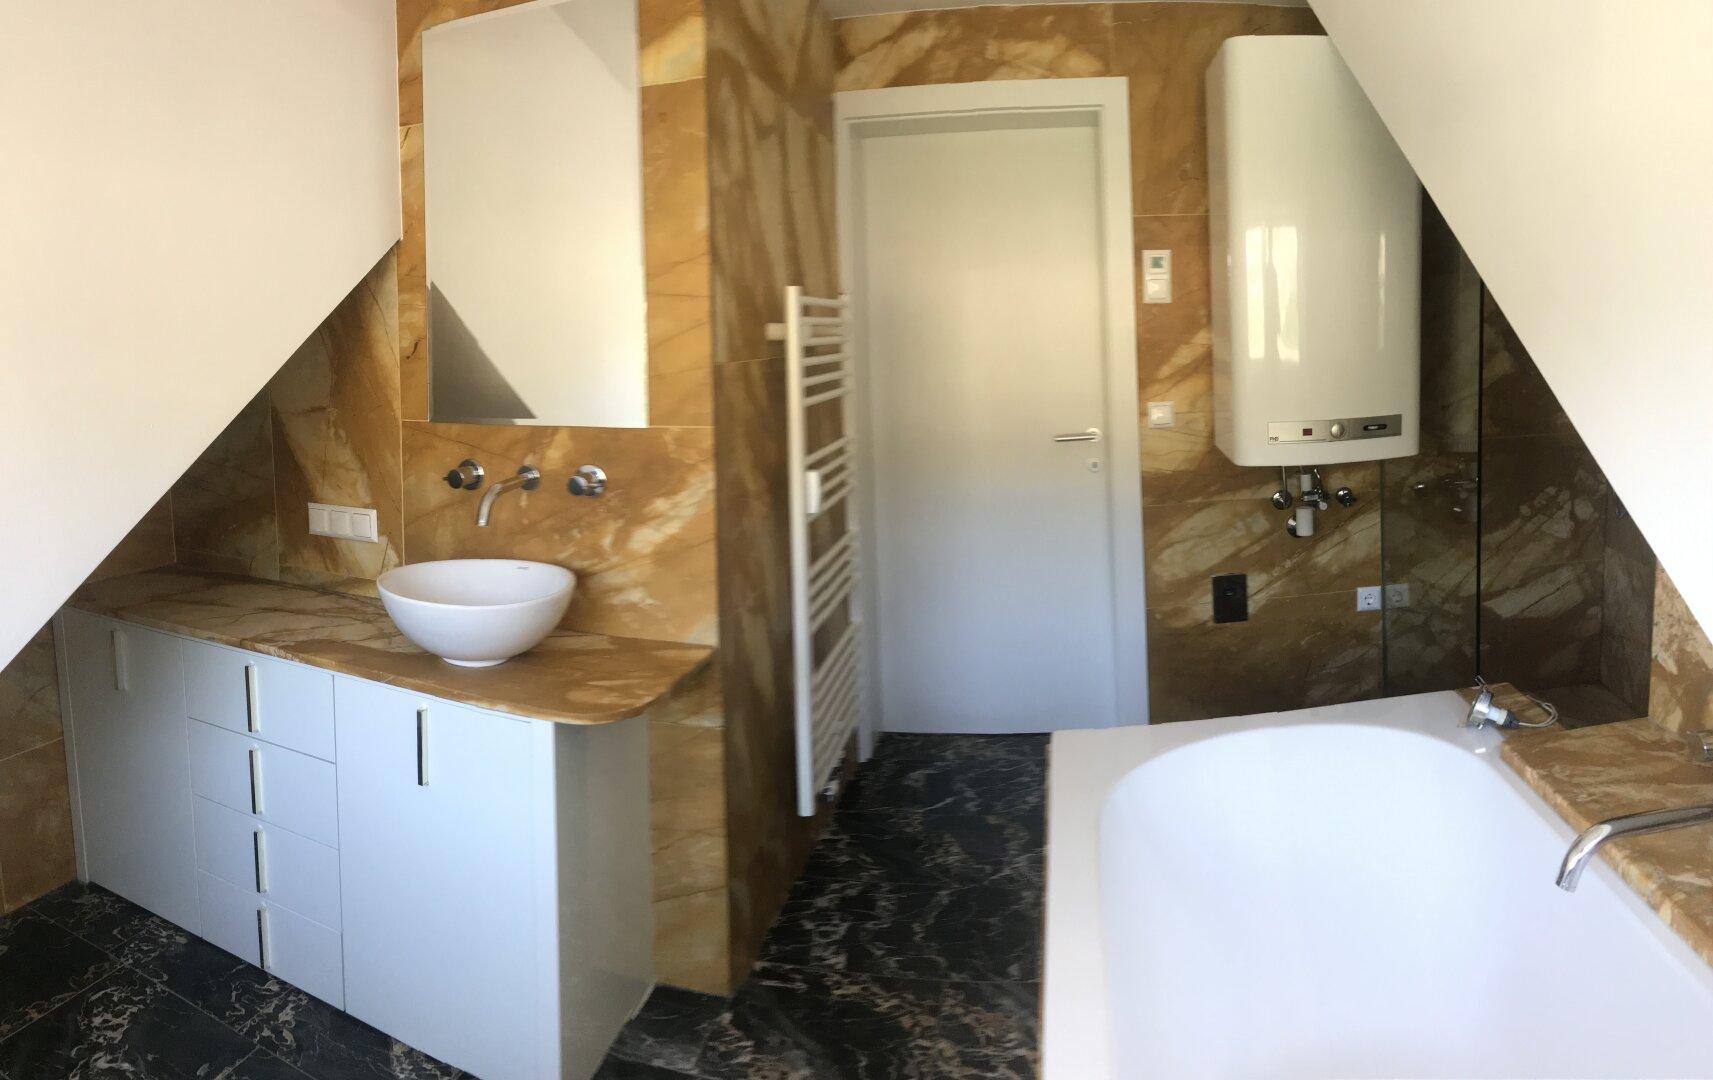 WMA im Badezimmer unter Boiler